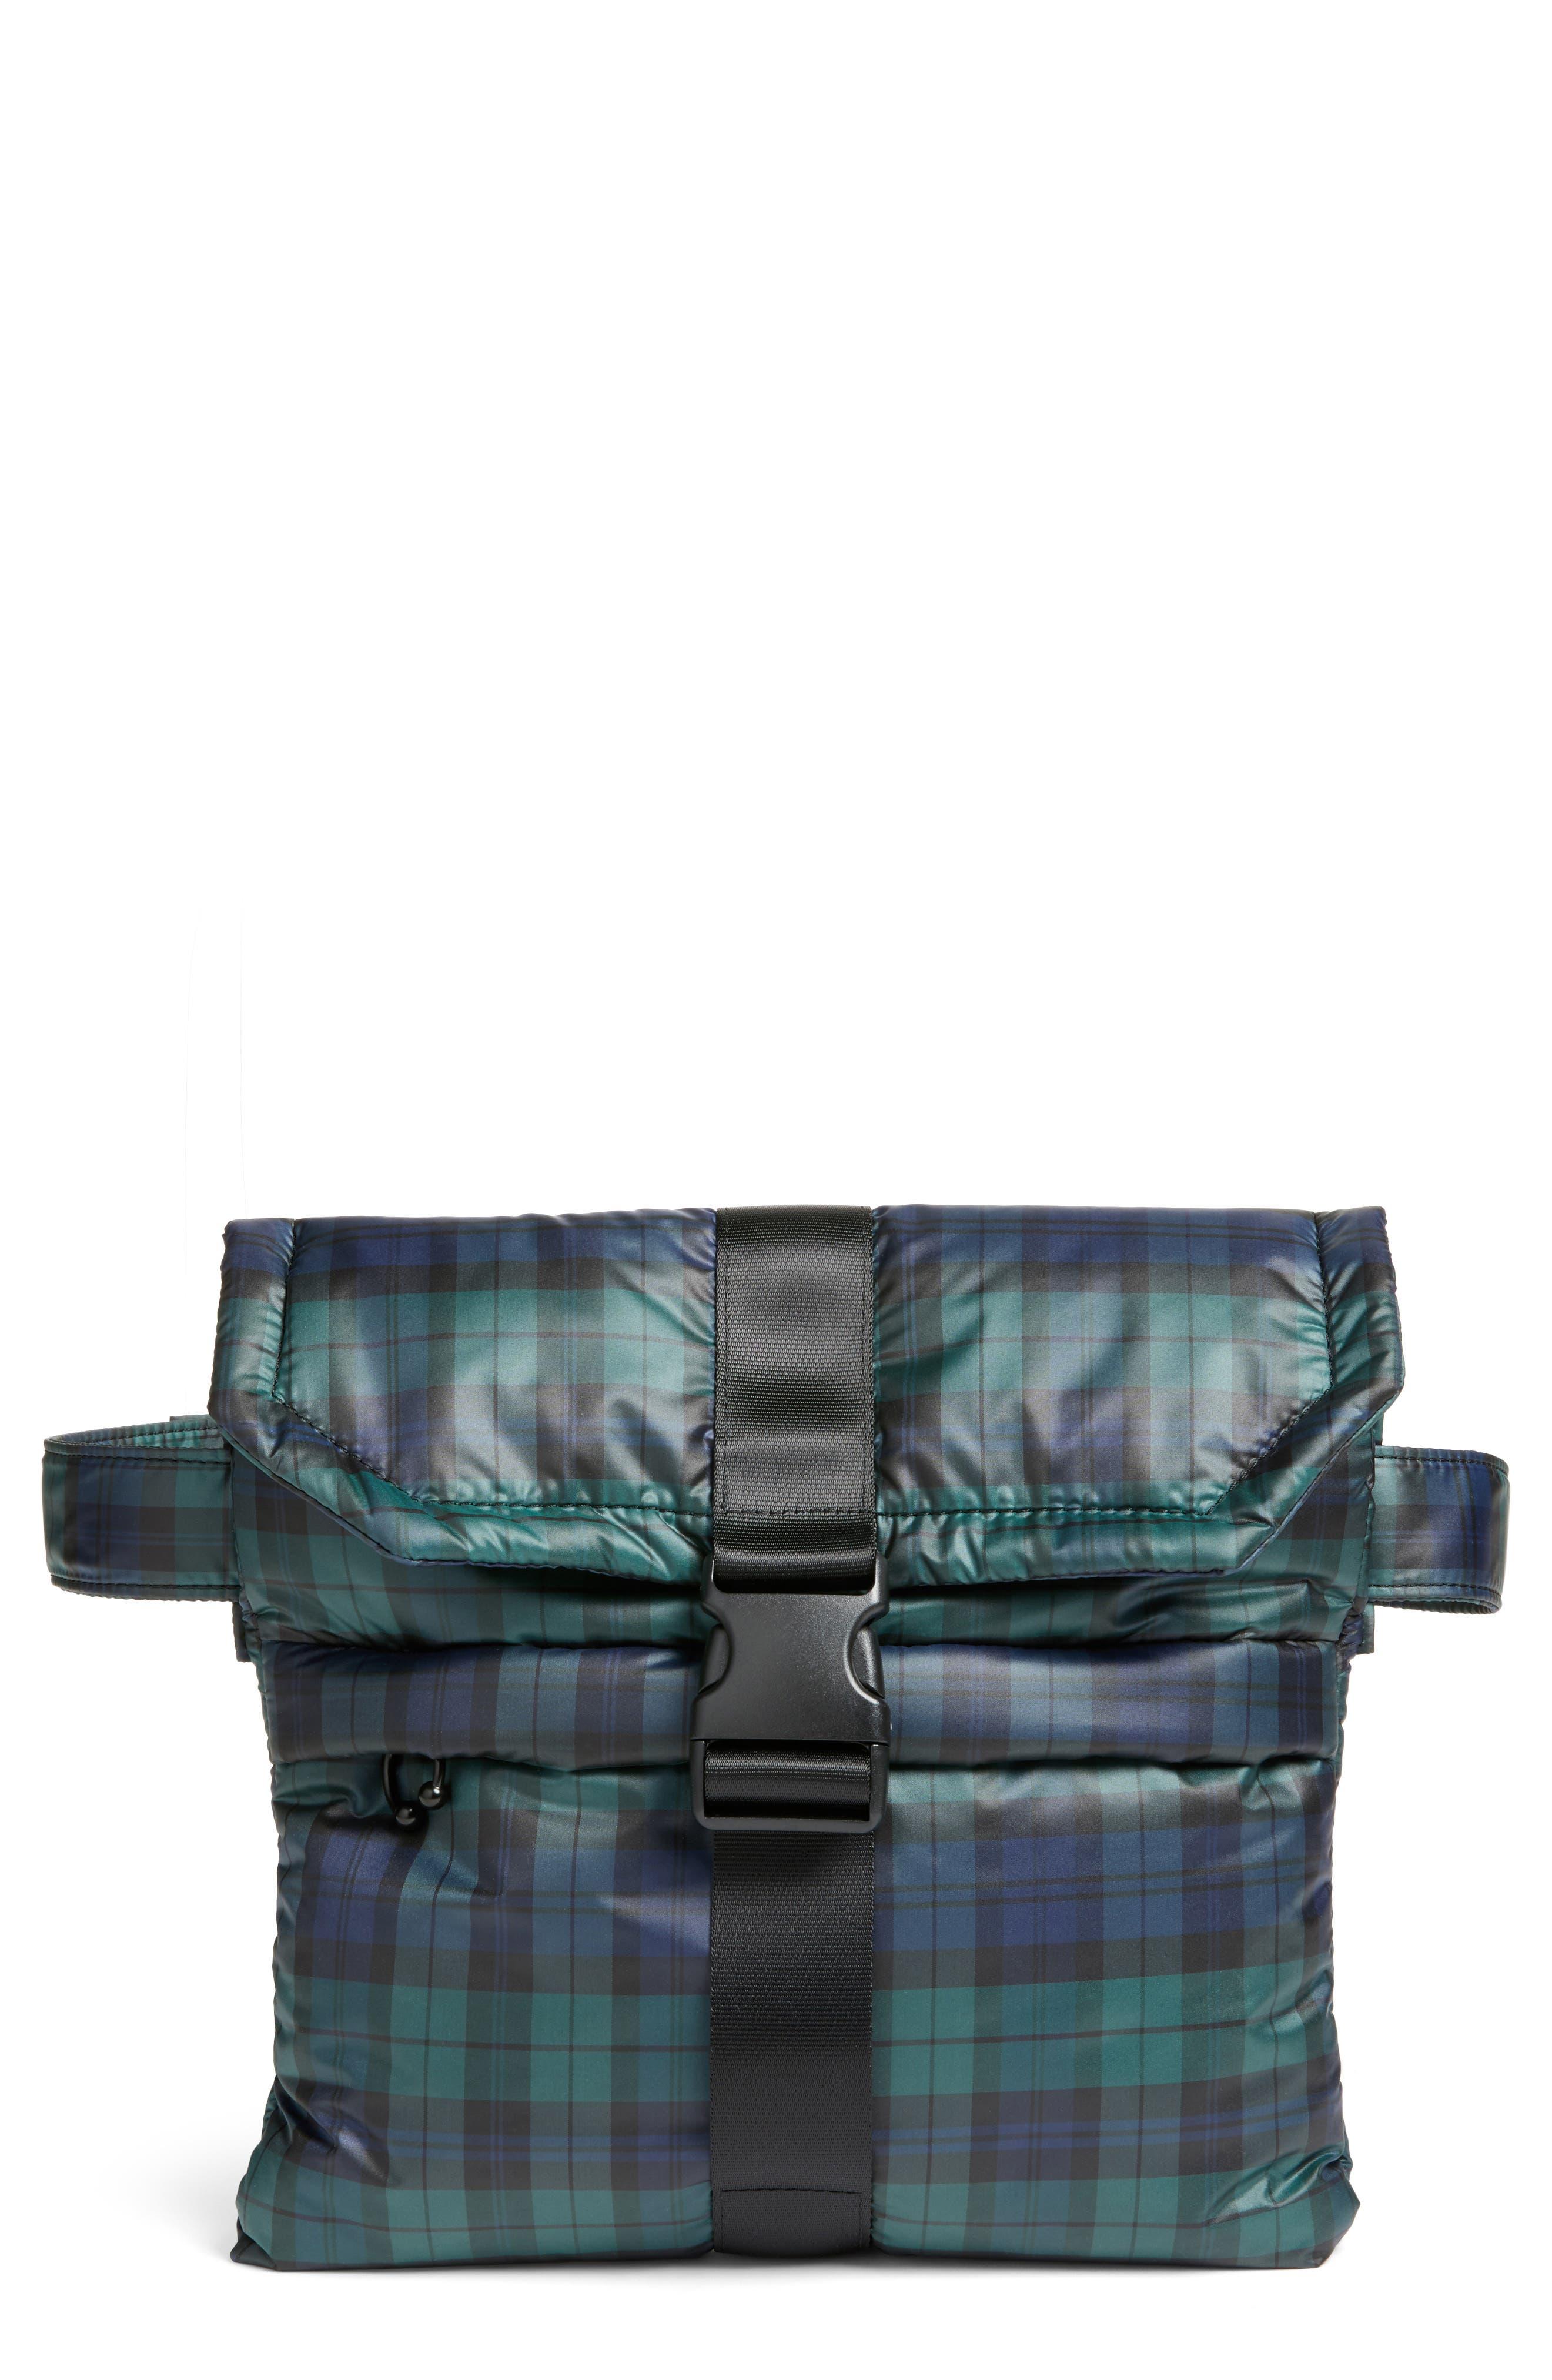 FENTY PUMA by Rihanna Messenger Bag,                         Main,                         color, Evening Blue